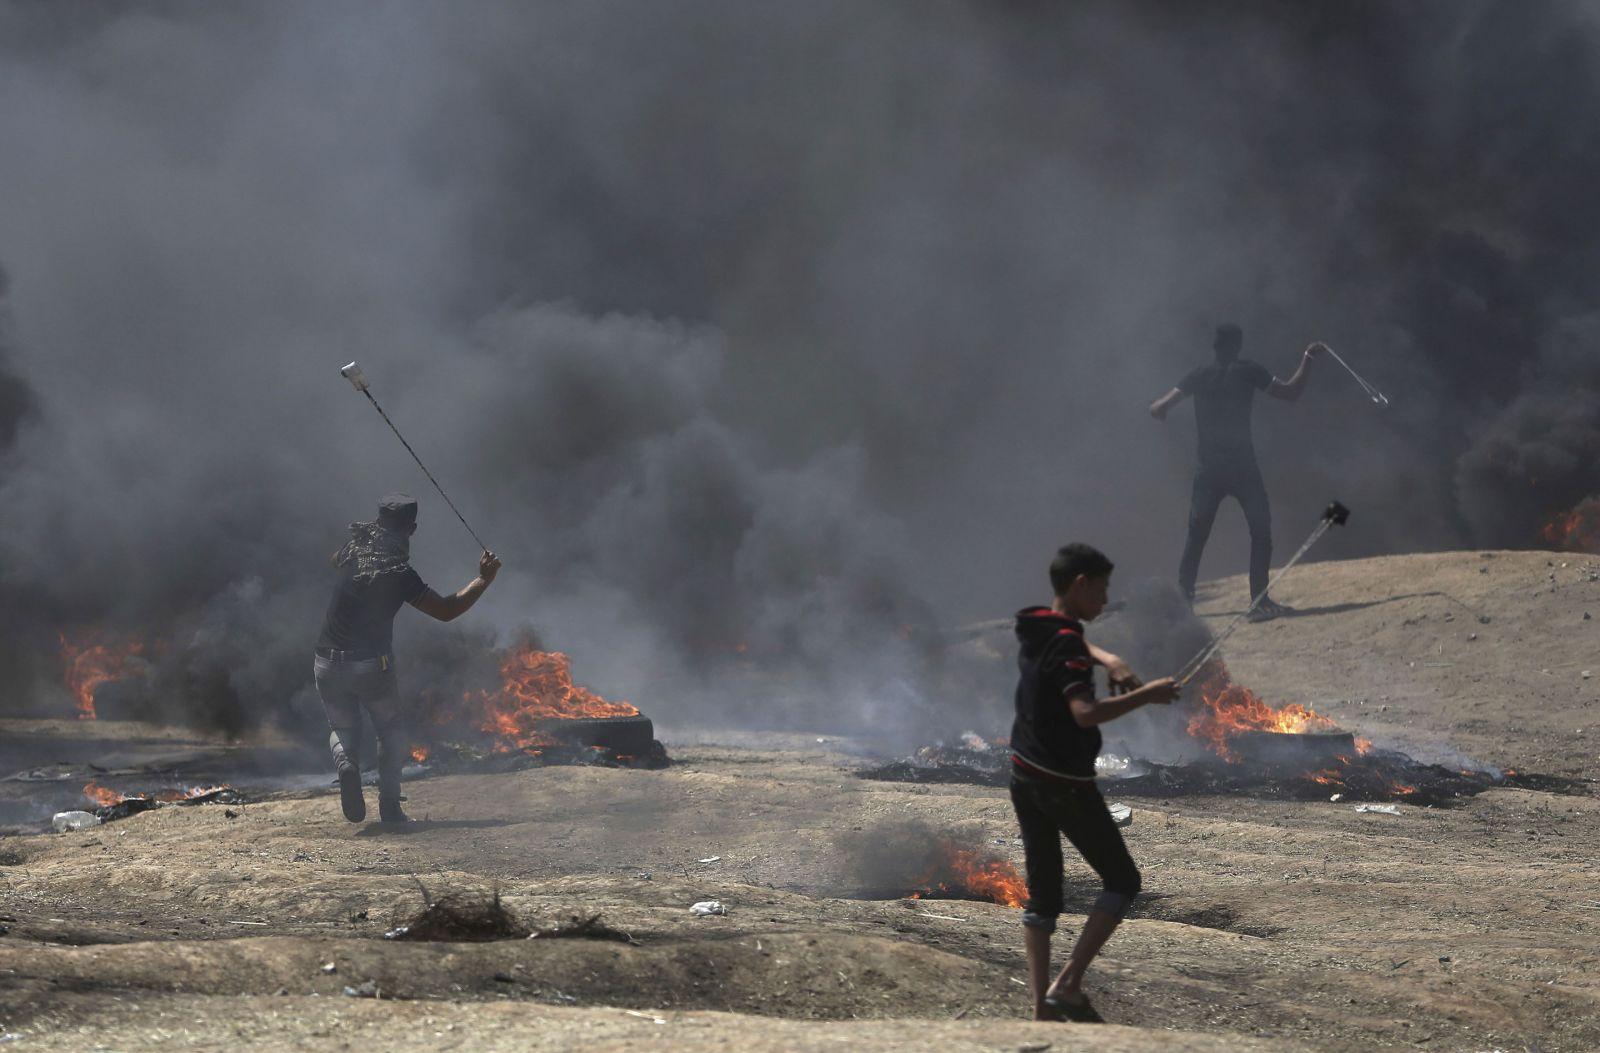 以軍實彈鎮壓 巴人41死1,700傷